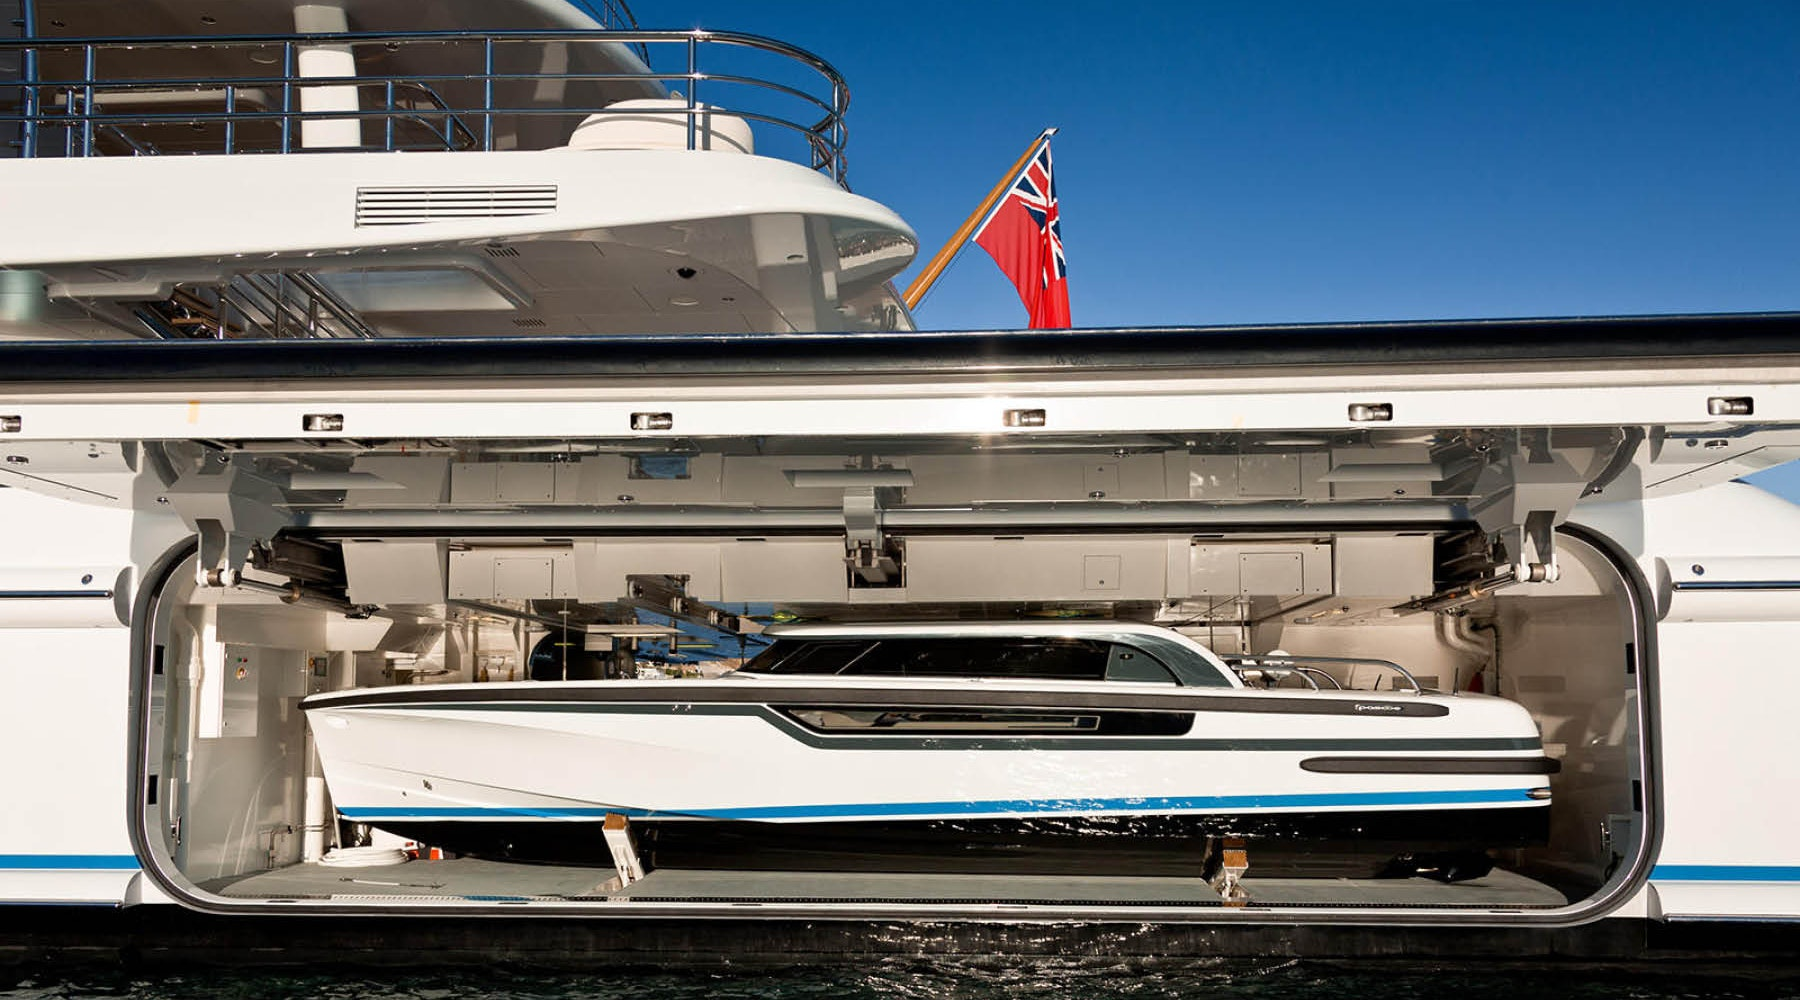 Redna Yachts Plvs-4